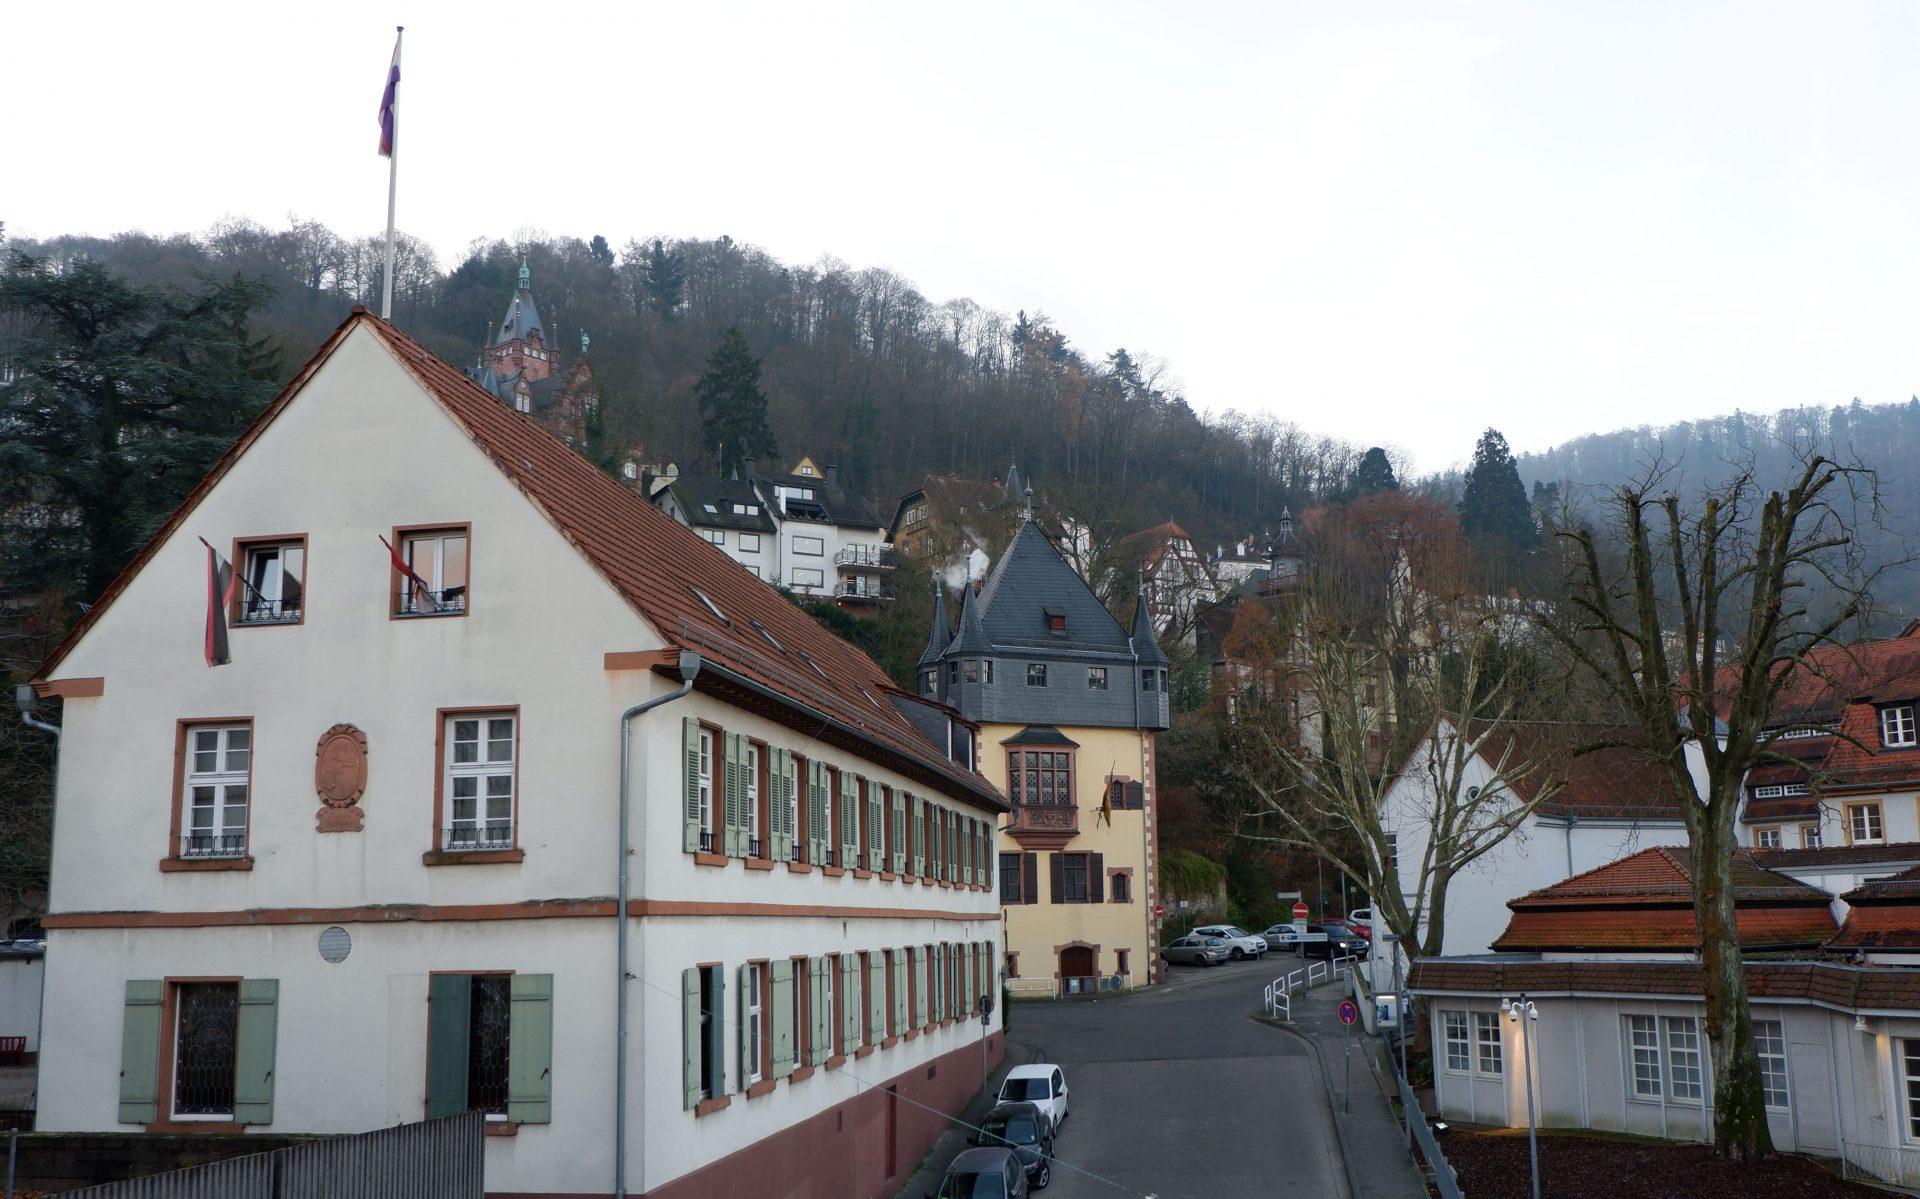 Heidelberg ciudad de ensueño